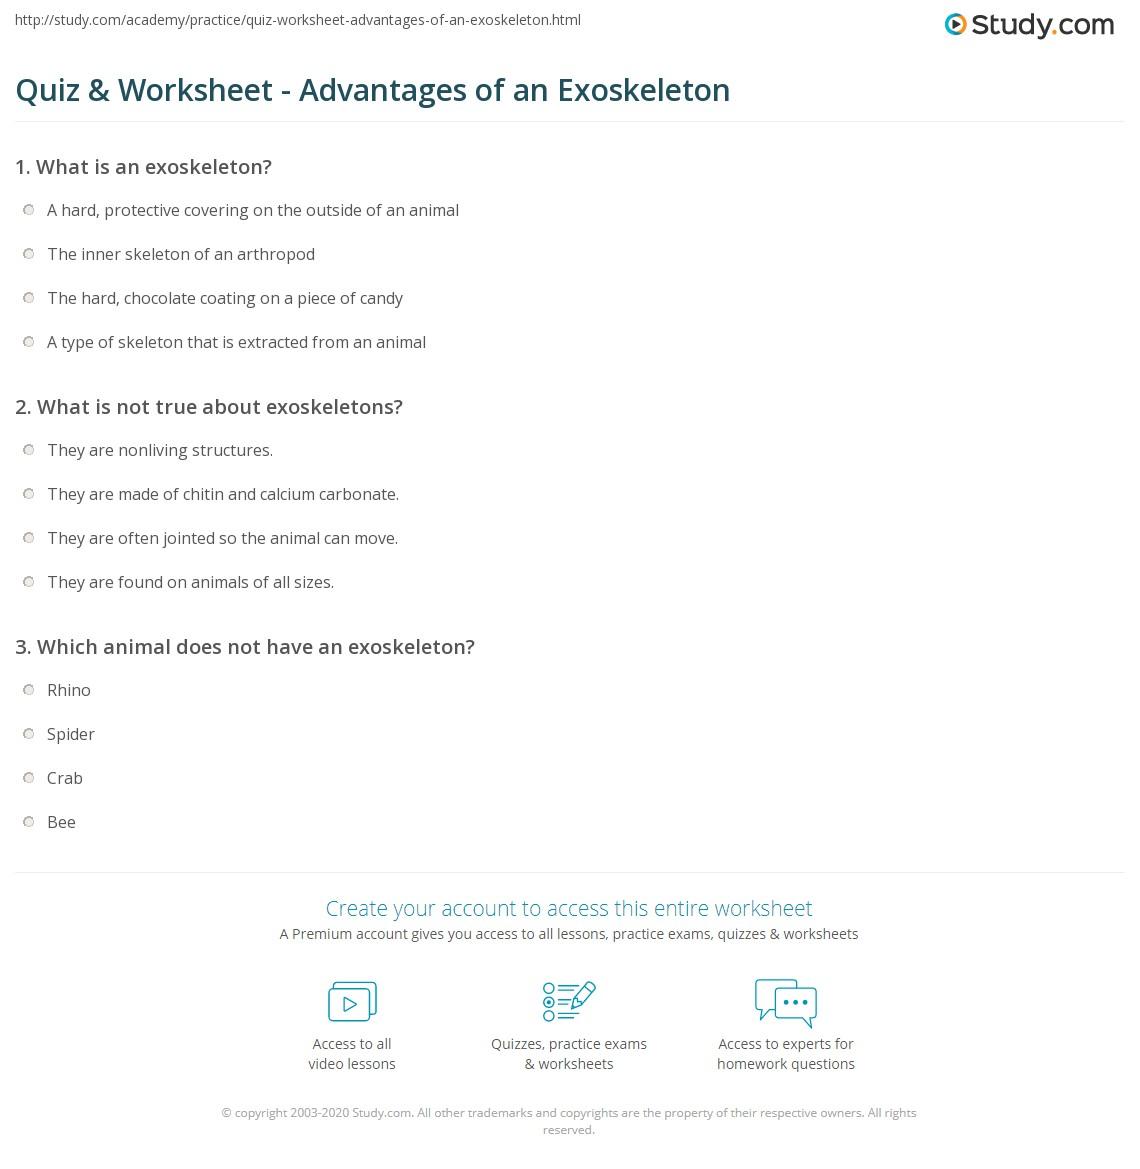 Quiz W Ksheet Dv Nt Ges Of N Exoskelet Study